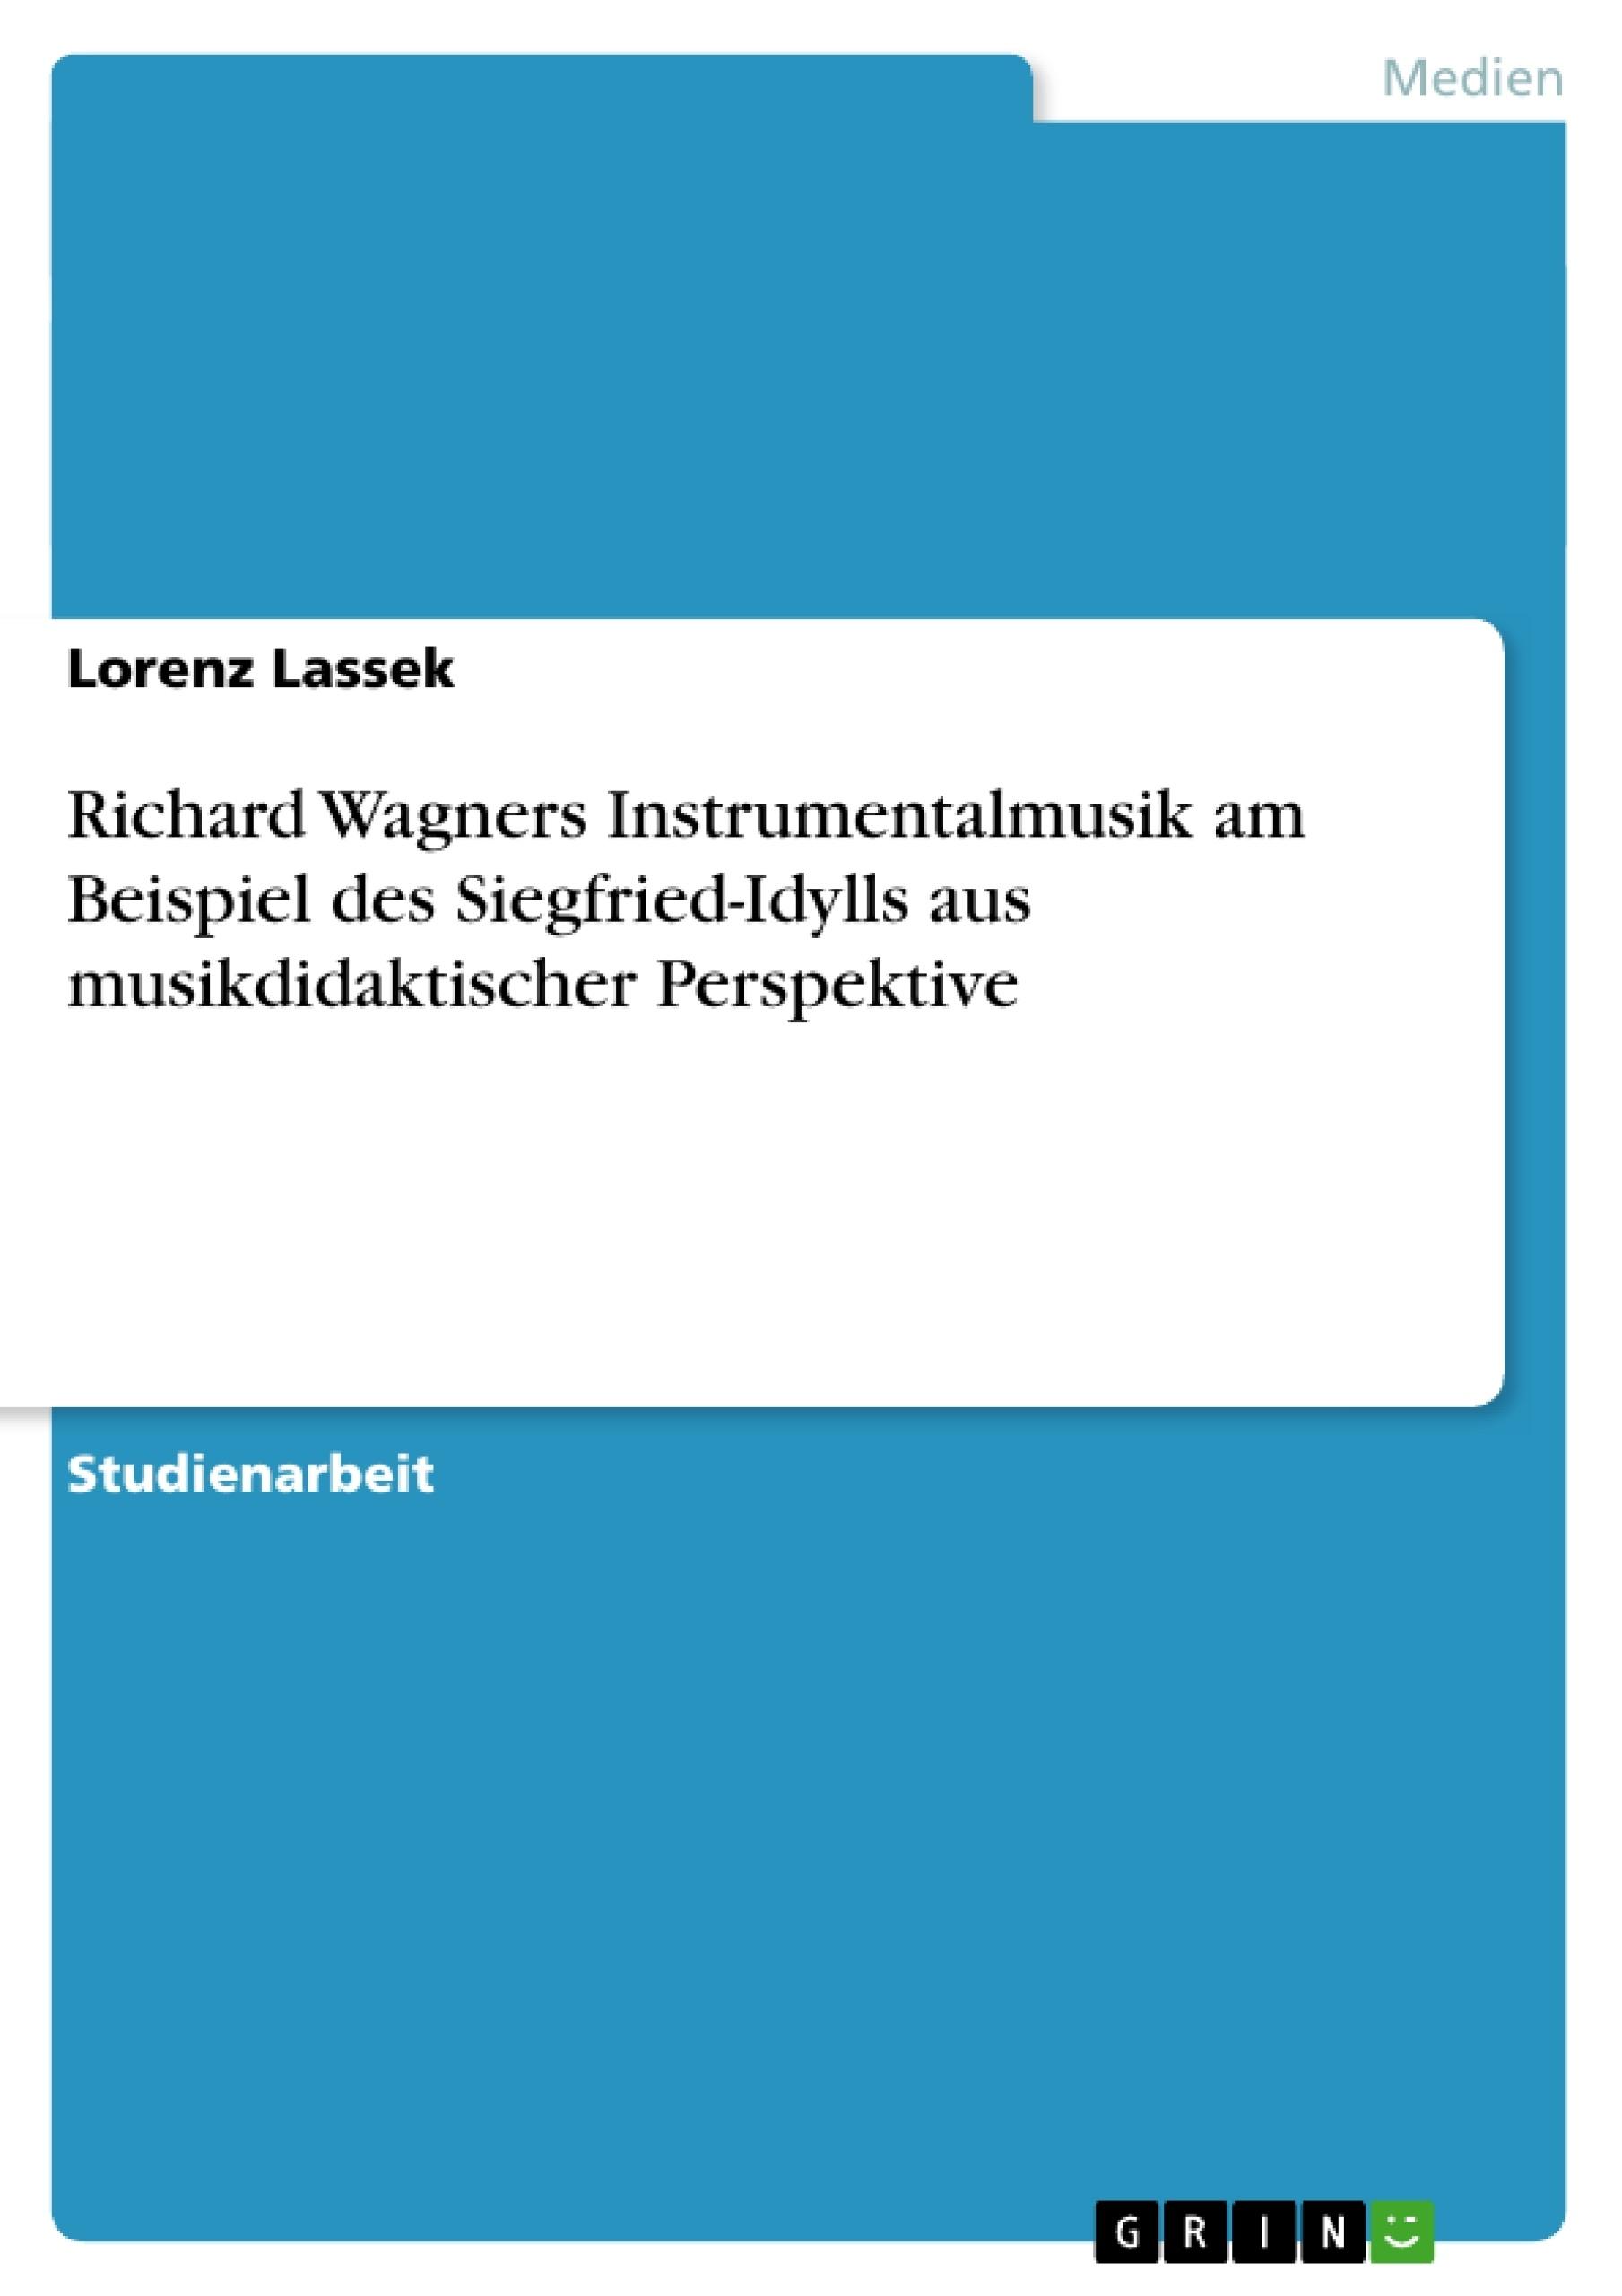 Titel: Richard Wagners Instrumentalmusik am Beispiel des Siegfried-Idylls aus musikdidaktischer Perspektive